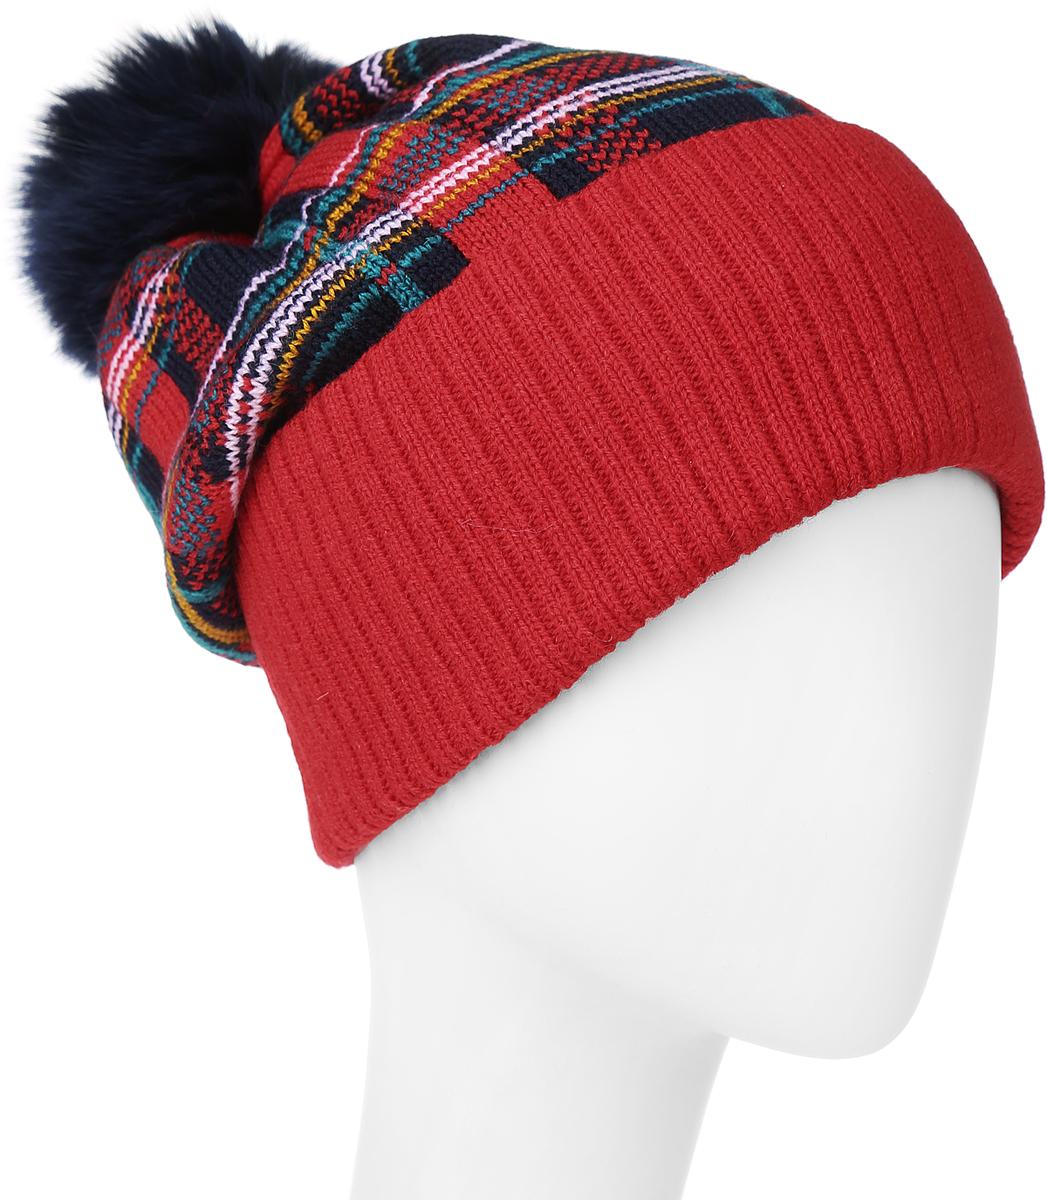 4340Теплая женская шапка Marhatter отлично дополнит ваш образ в холодную погоду. Сочетание шерсти и акрила максимально сохраняет тепло и обеспечивает удобную посадку, невероятную легкость и мягкость. Шапка с большим вязанным отворотом оформлена контрастным принтом. Макушка шапки дополнена пушистым помпоном из искусственного меха. Модель составит идеальный комплект с модной верхней одеждой, в ней вам будет уютно и тепло. Уважаемые клиенты! Размер, доступный для заказа, является обхватом головы.